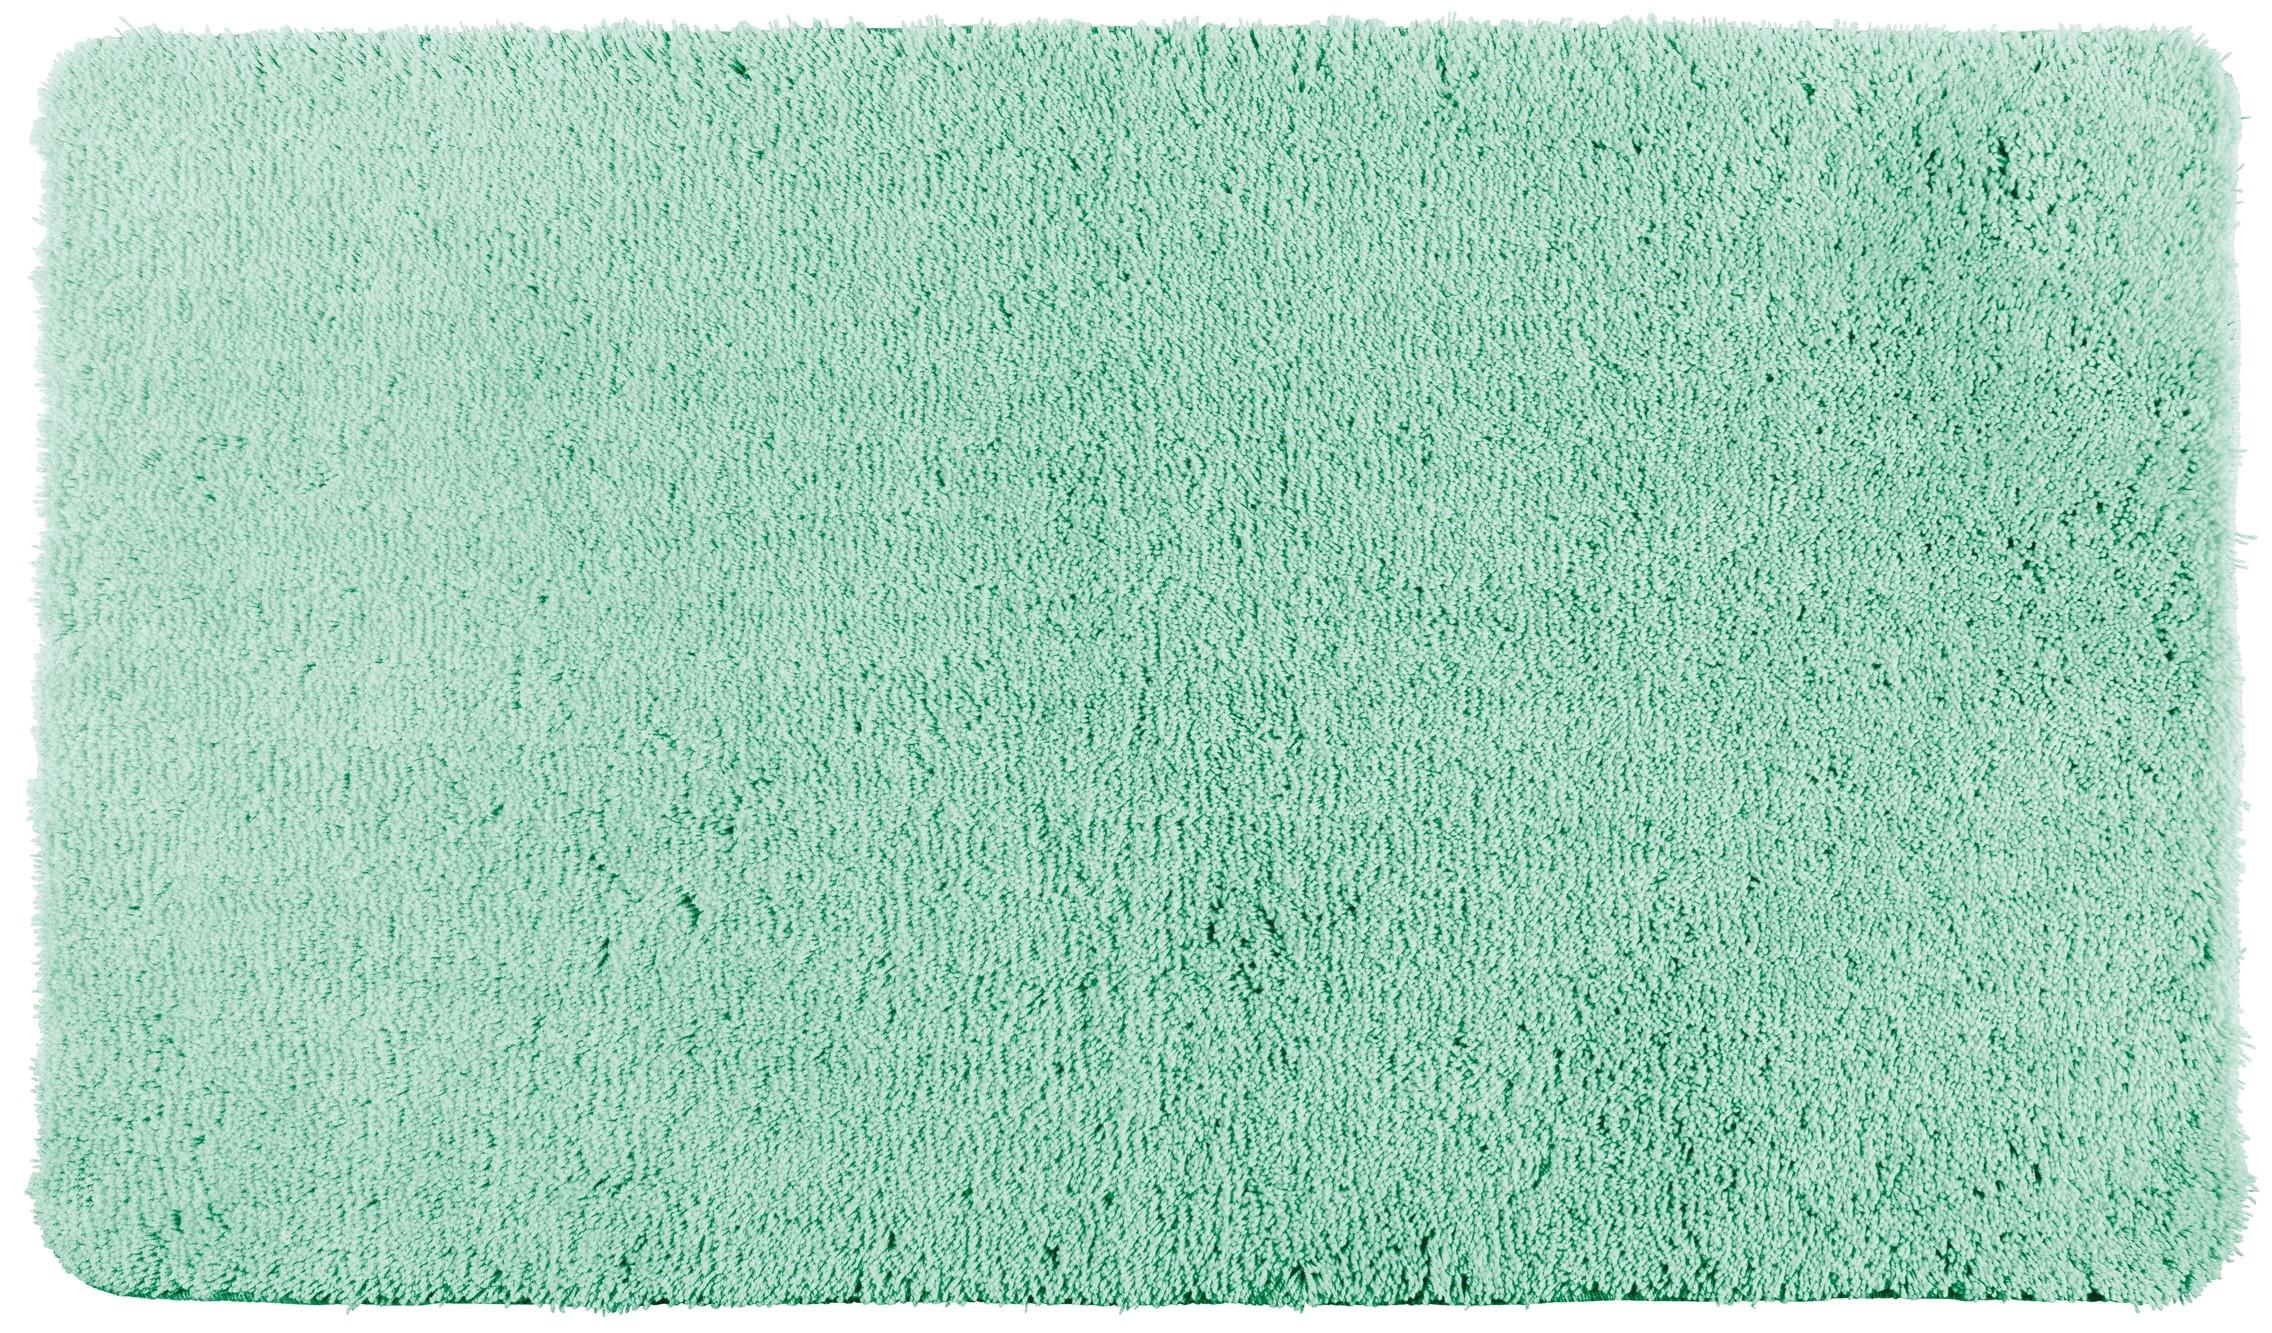 Wenko Badteppich Belize Turquoise, 55 x 65 cm, Mikrofaser